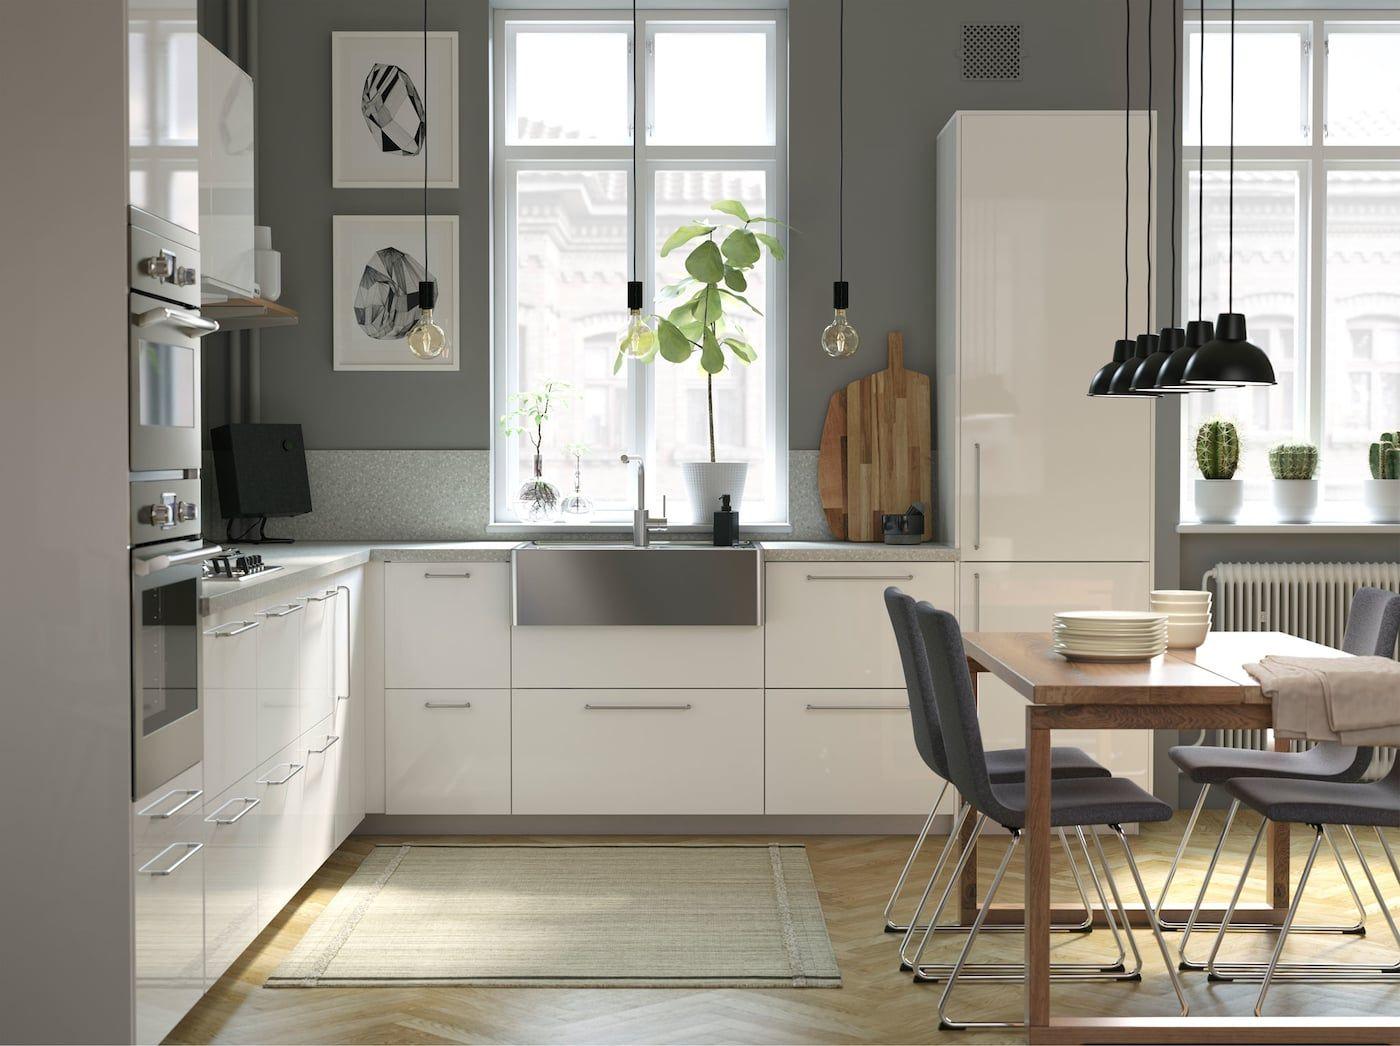 Moderní, světlá a vzdušná kuchyně s dřevěnými detaily